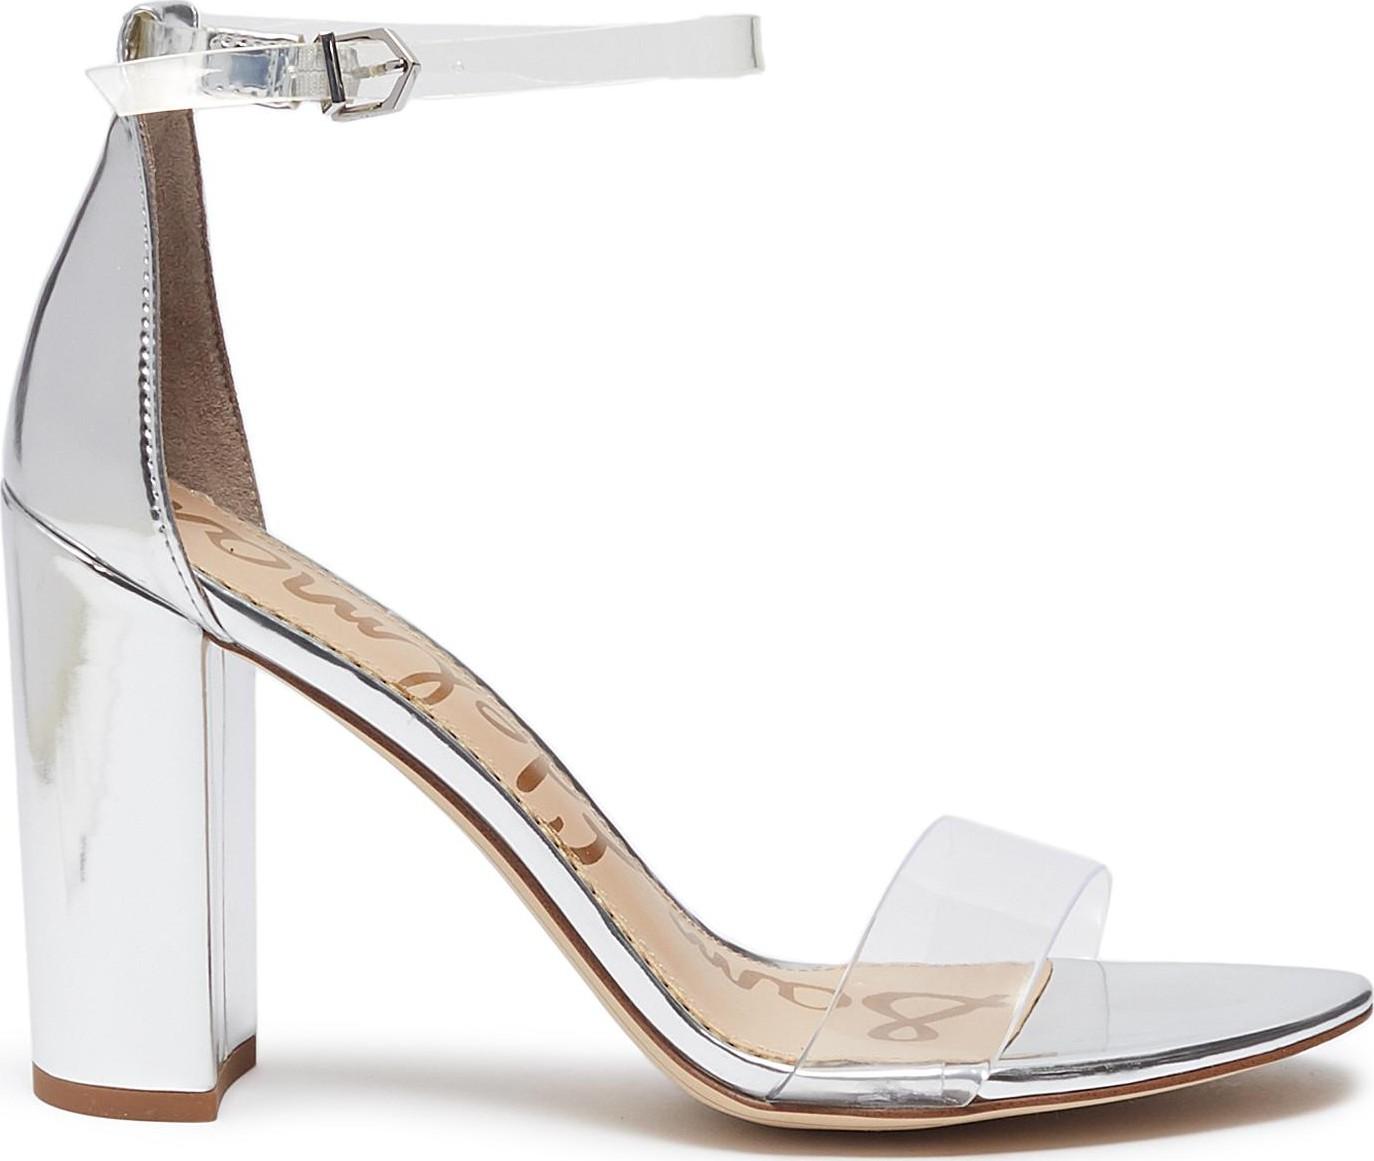 1da181ee395 Sam Edelman  Yaro  PVC strap mirror leather sandals - Mkt